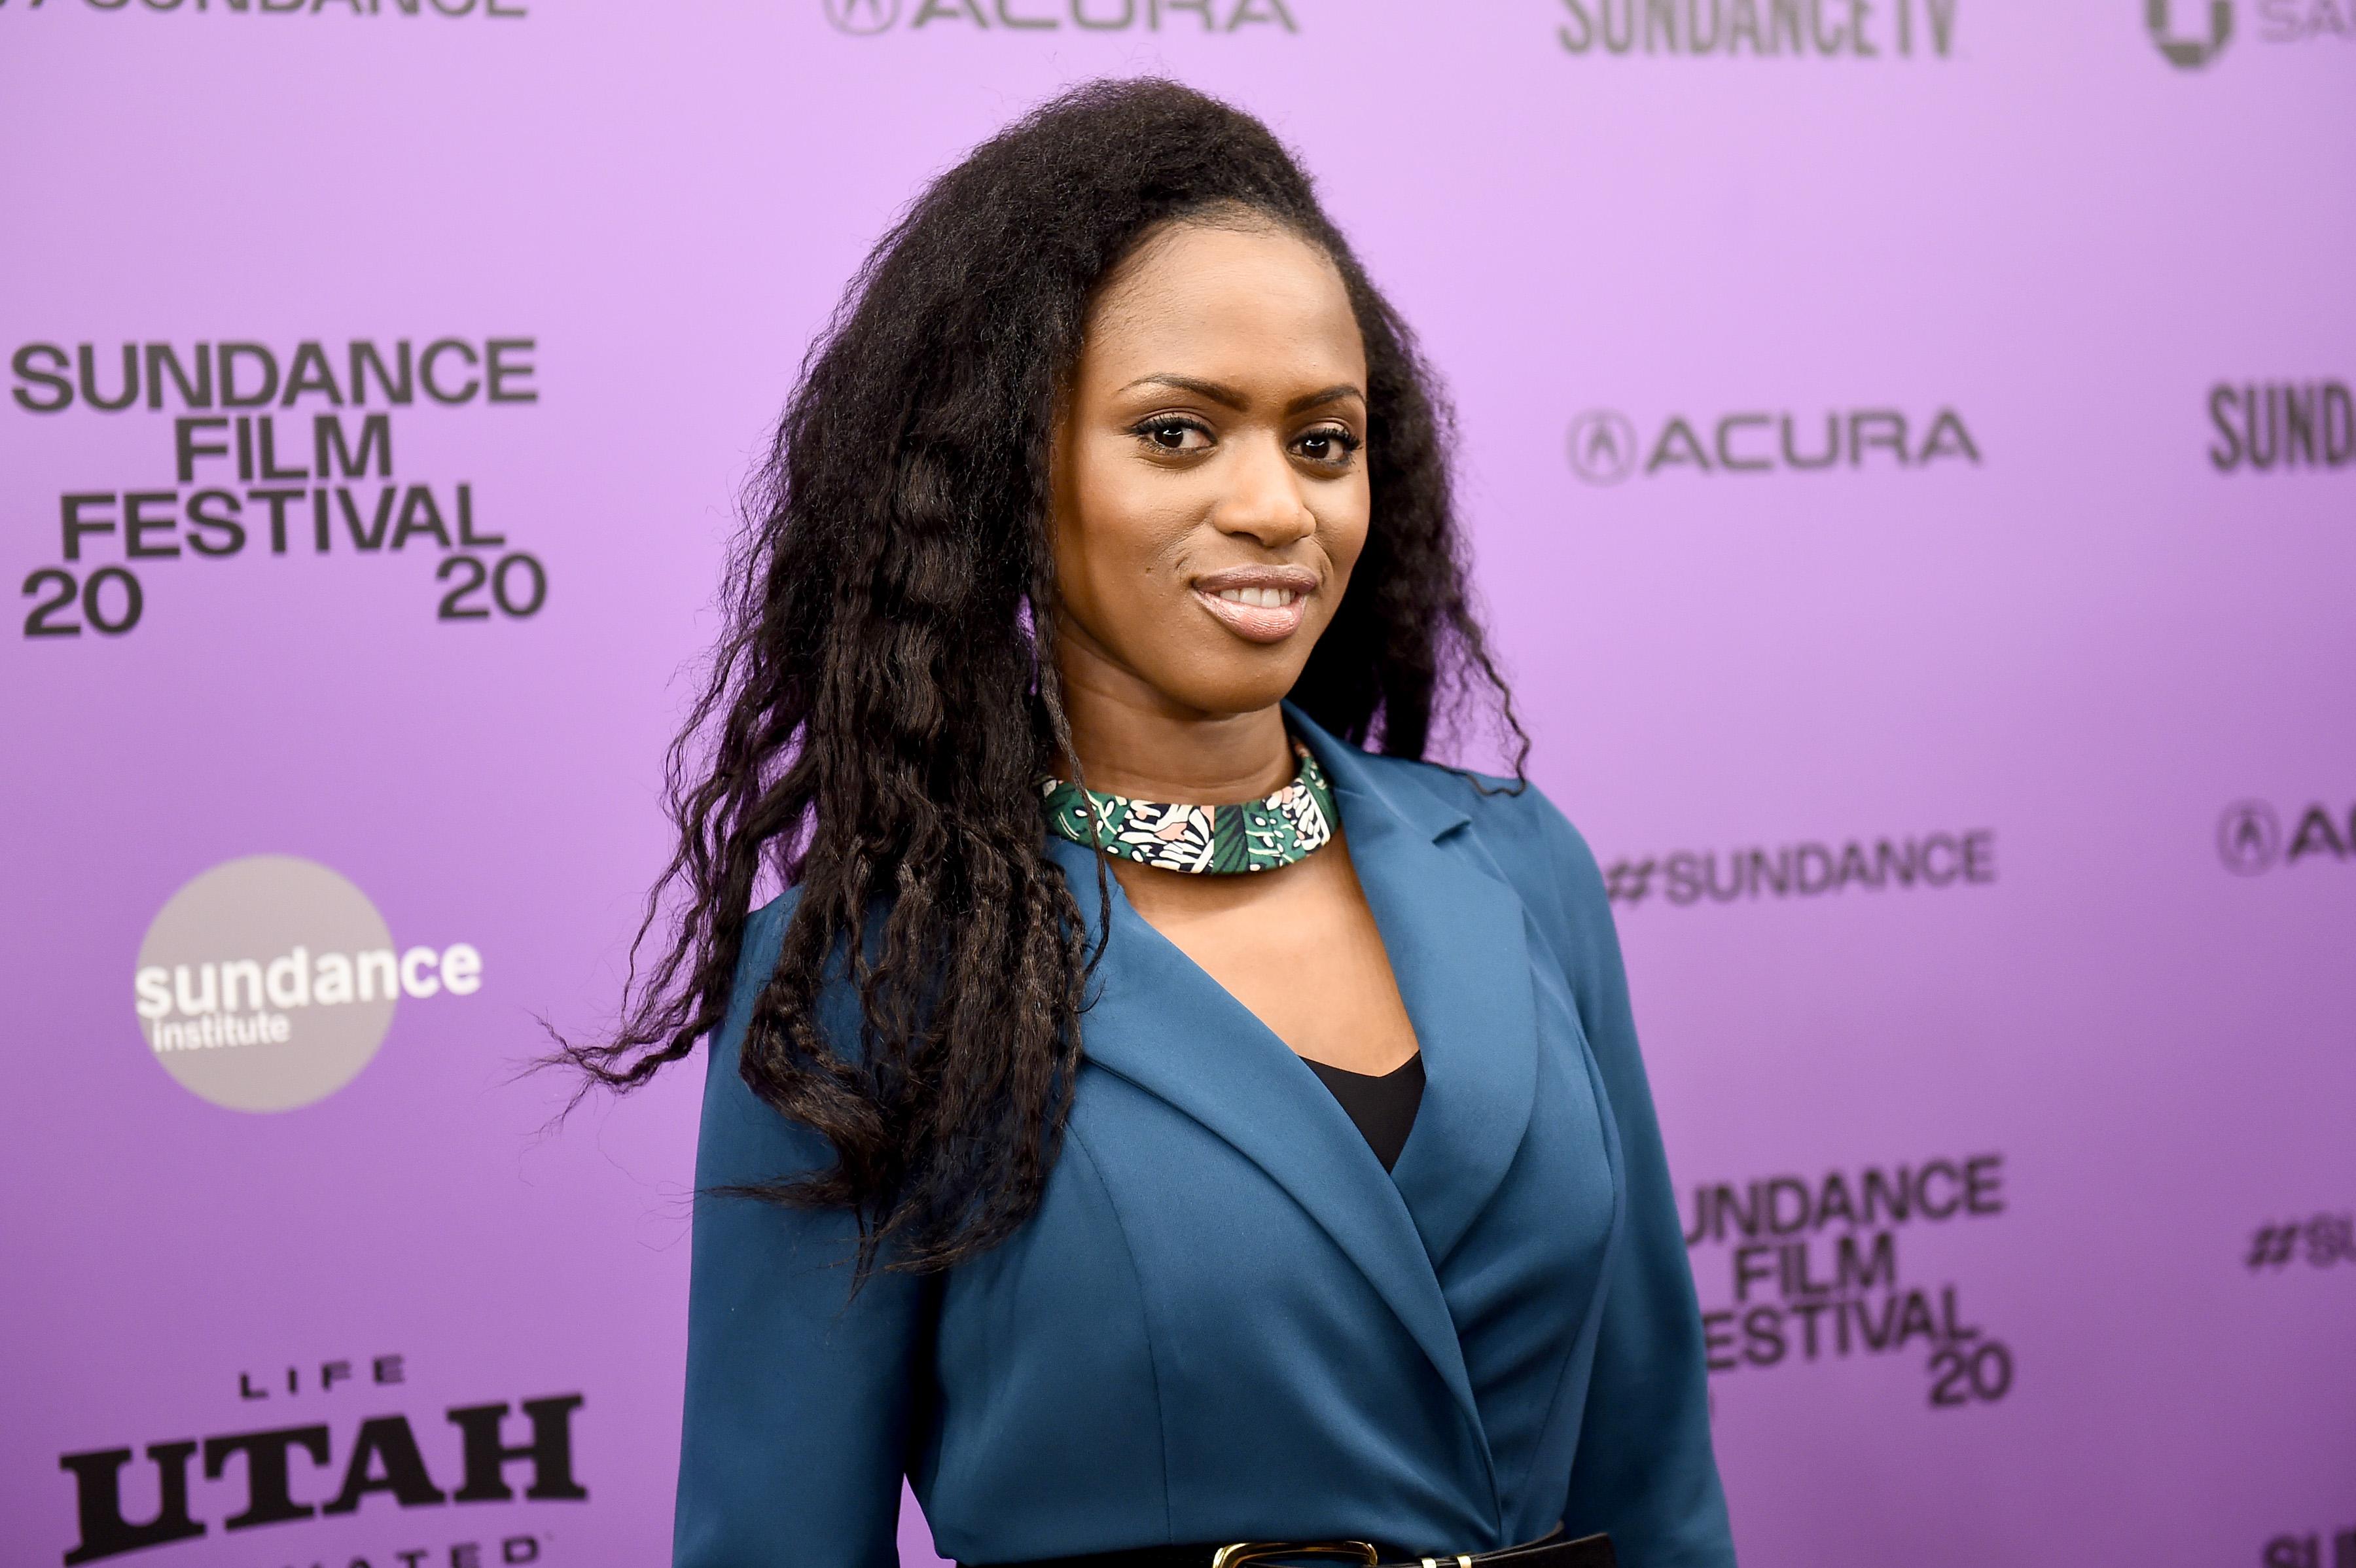 Maïmouna Doucouré é a diretora do filme